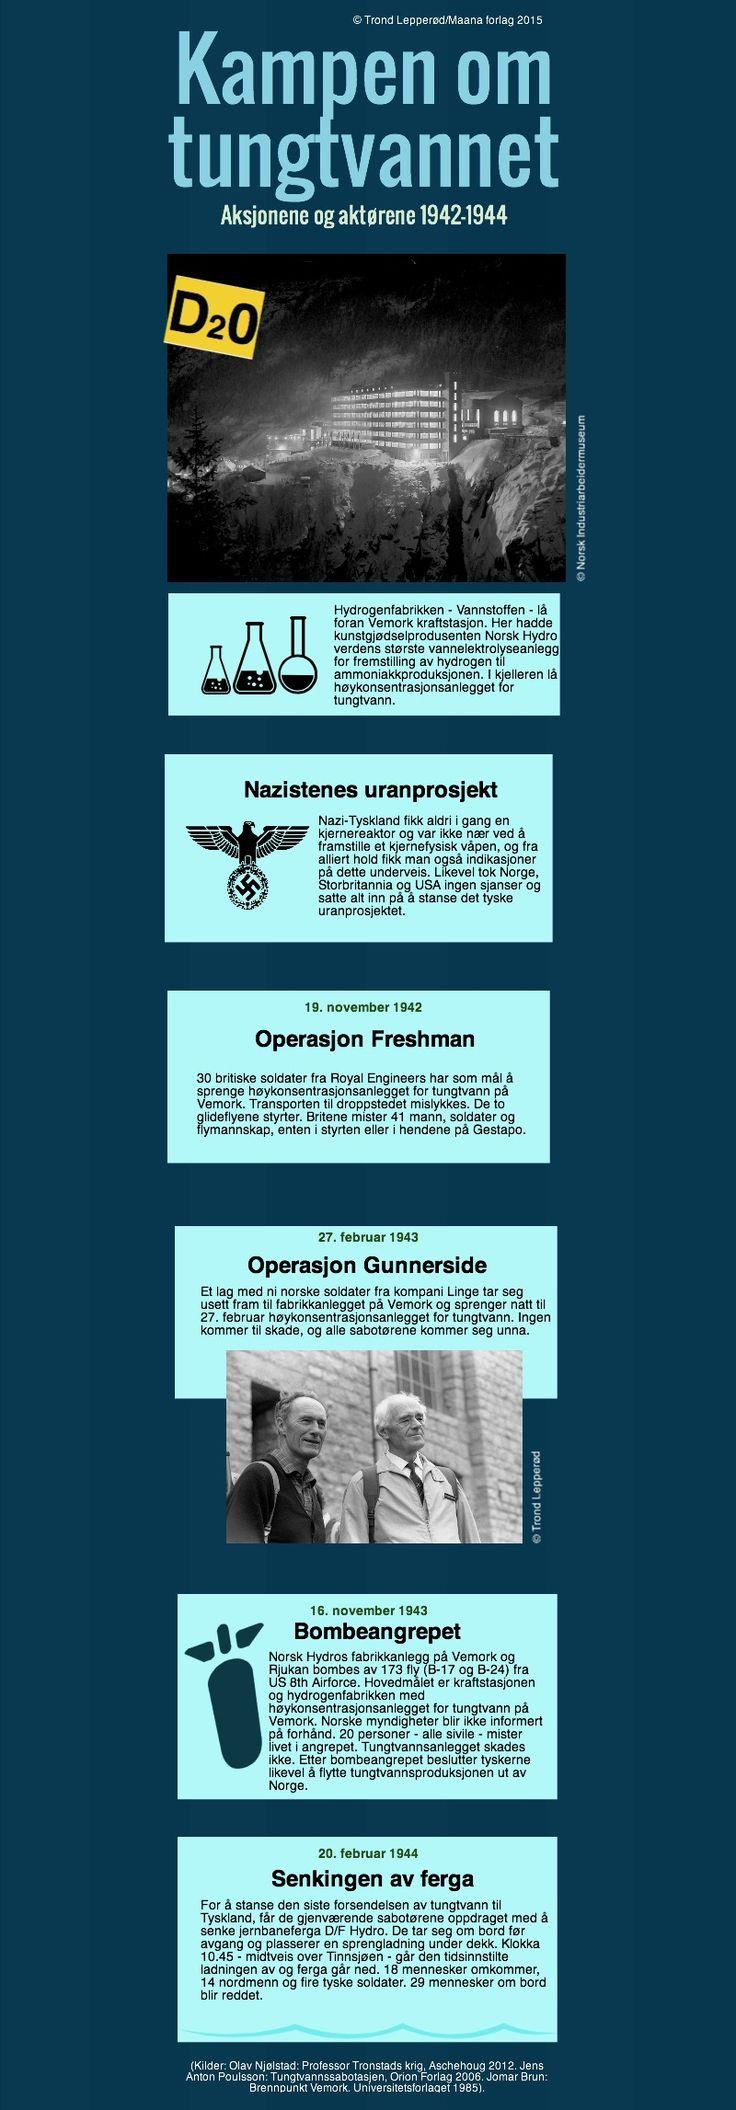 Kampen om tungtvannet   Piktochart Infographic Editor